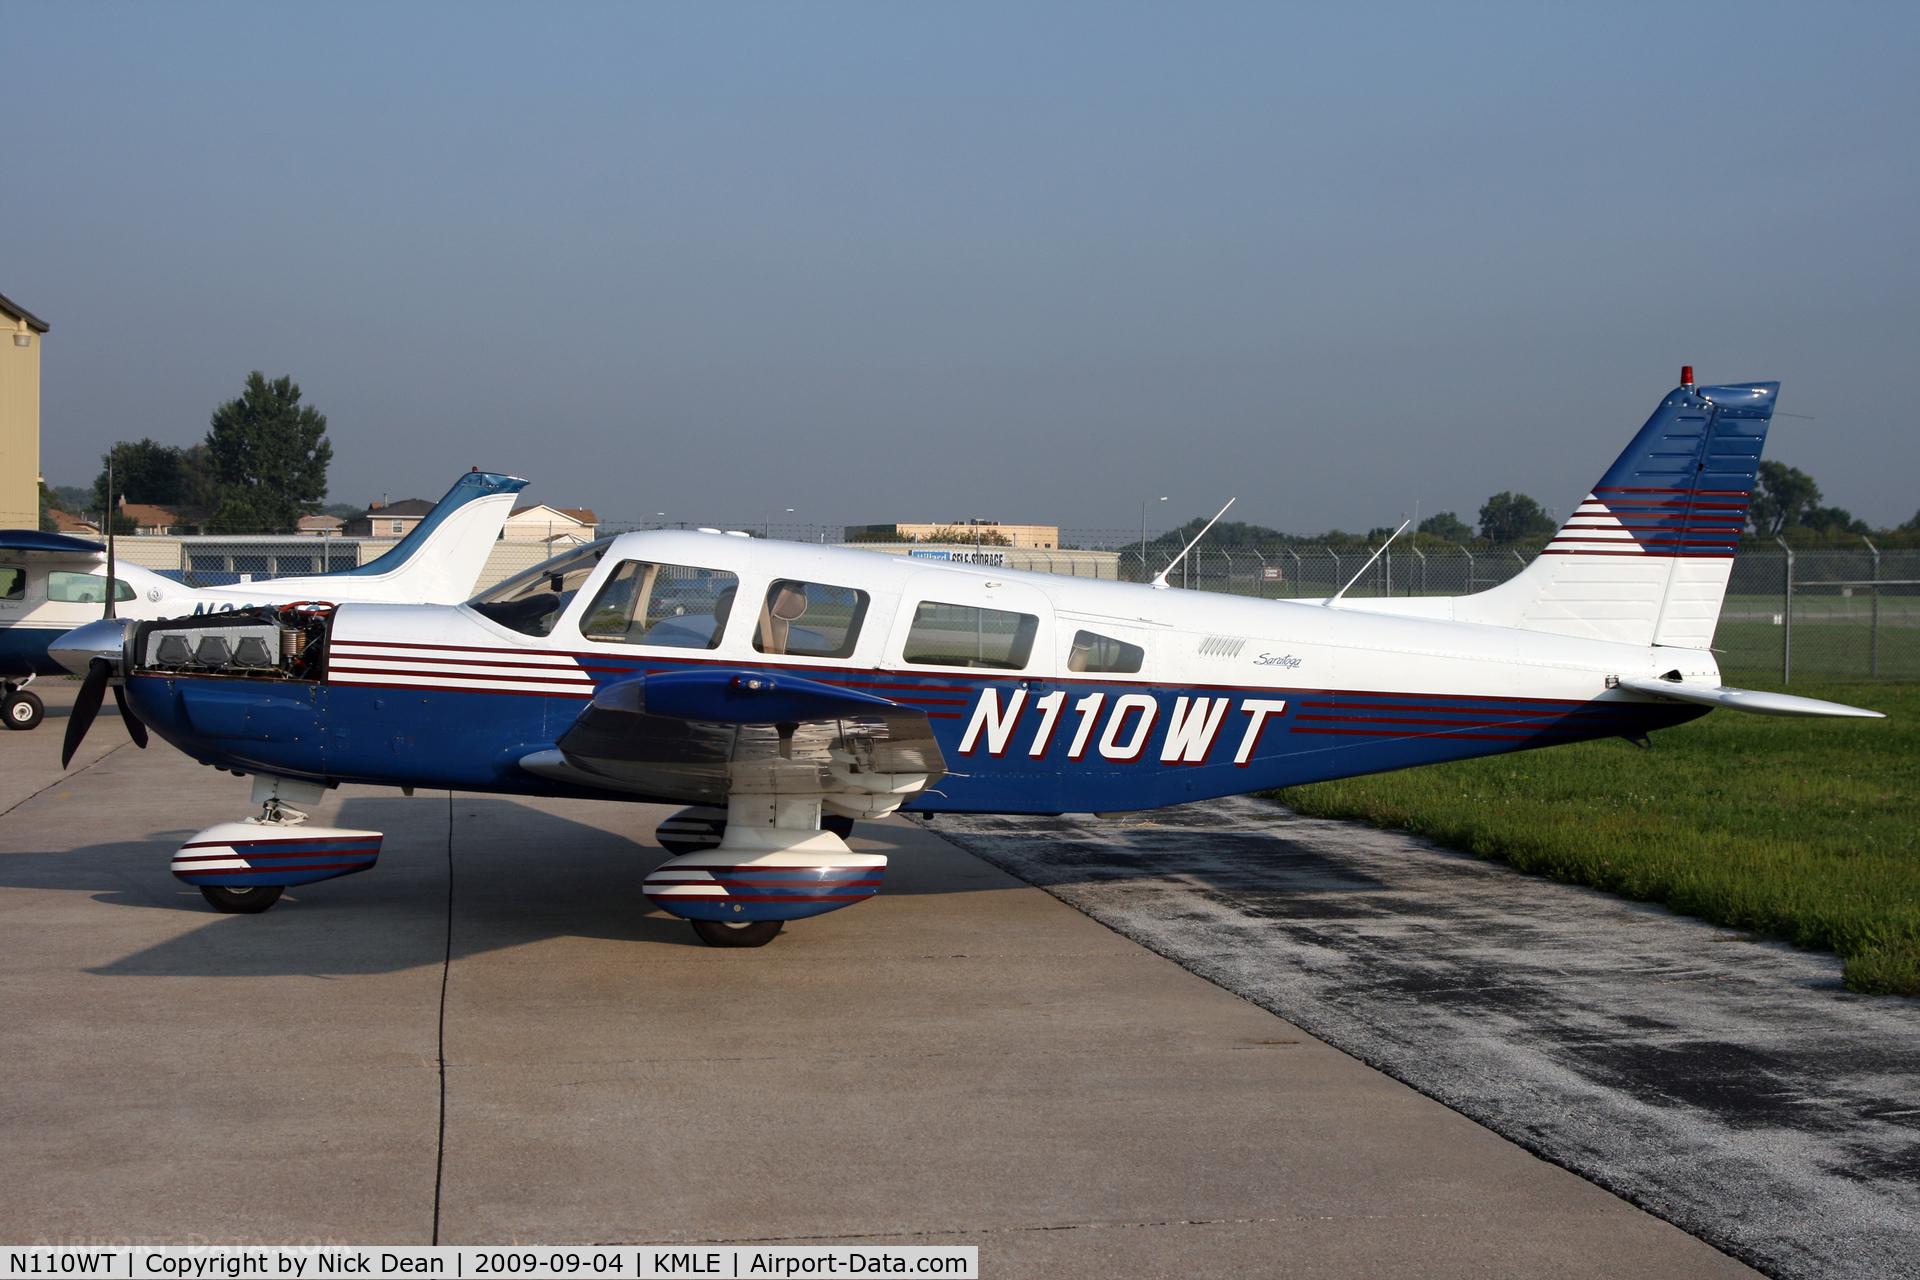 N110WT, 1989 Piper PA-32-301 Saratoga C/N 3206050, KMLE